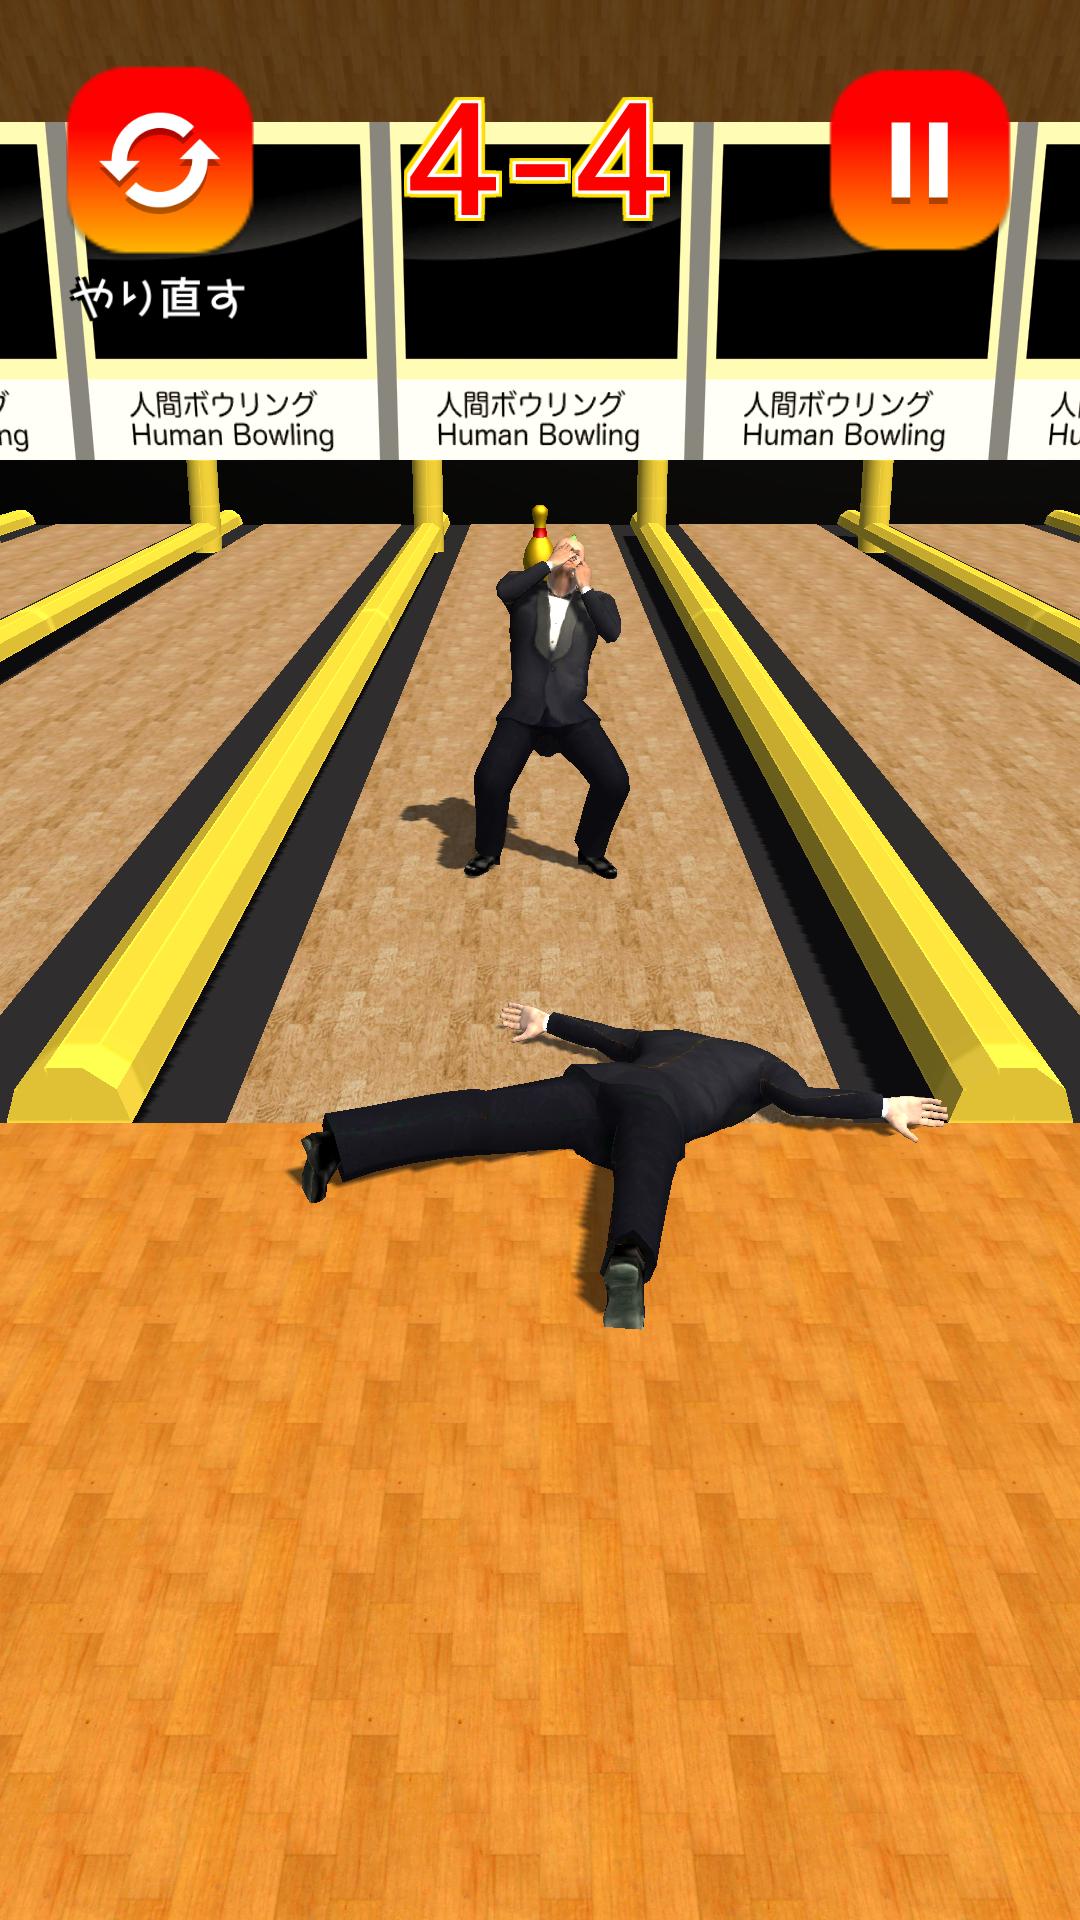 androidアプリ 人間ボウリング攻略スクリーンショット4